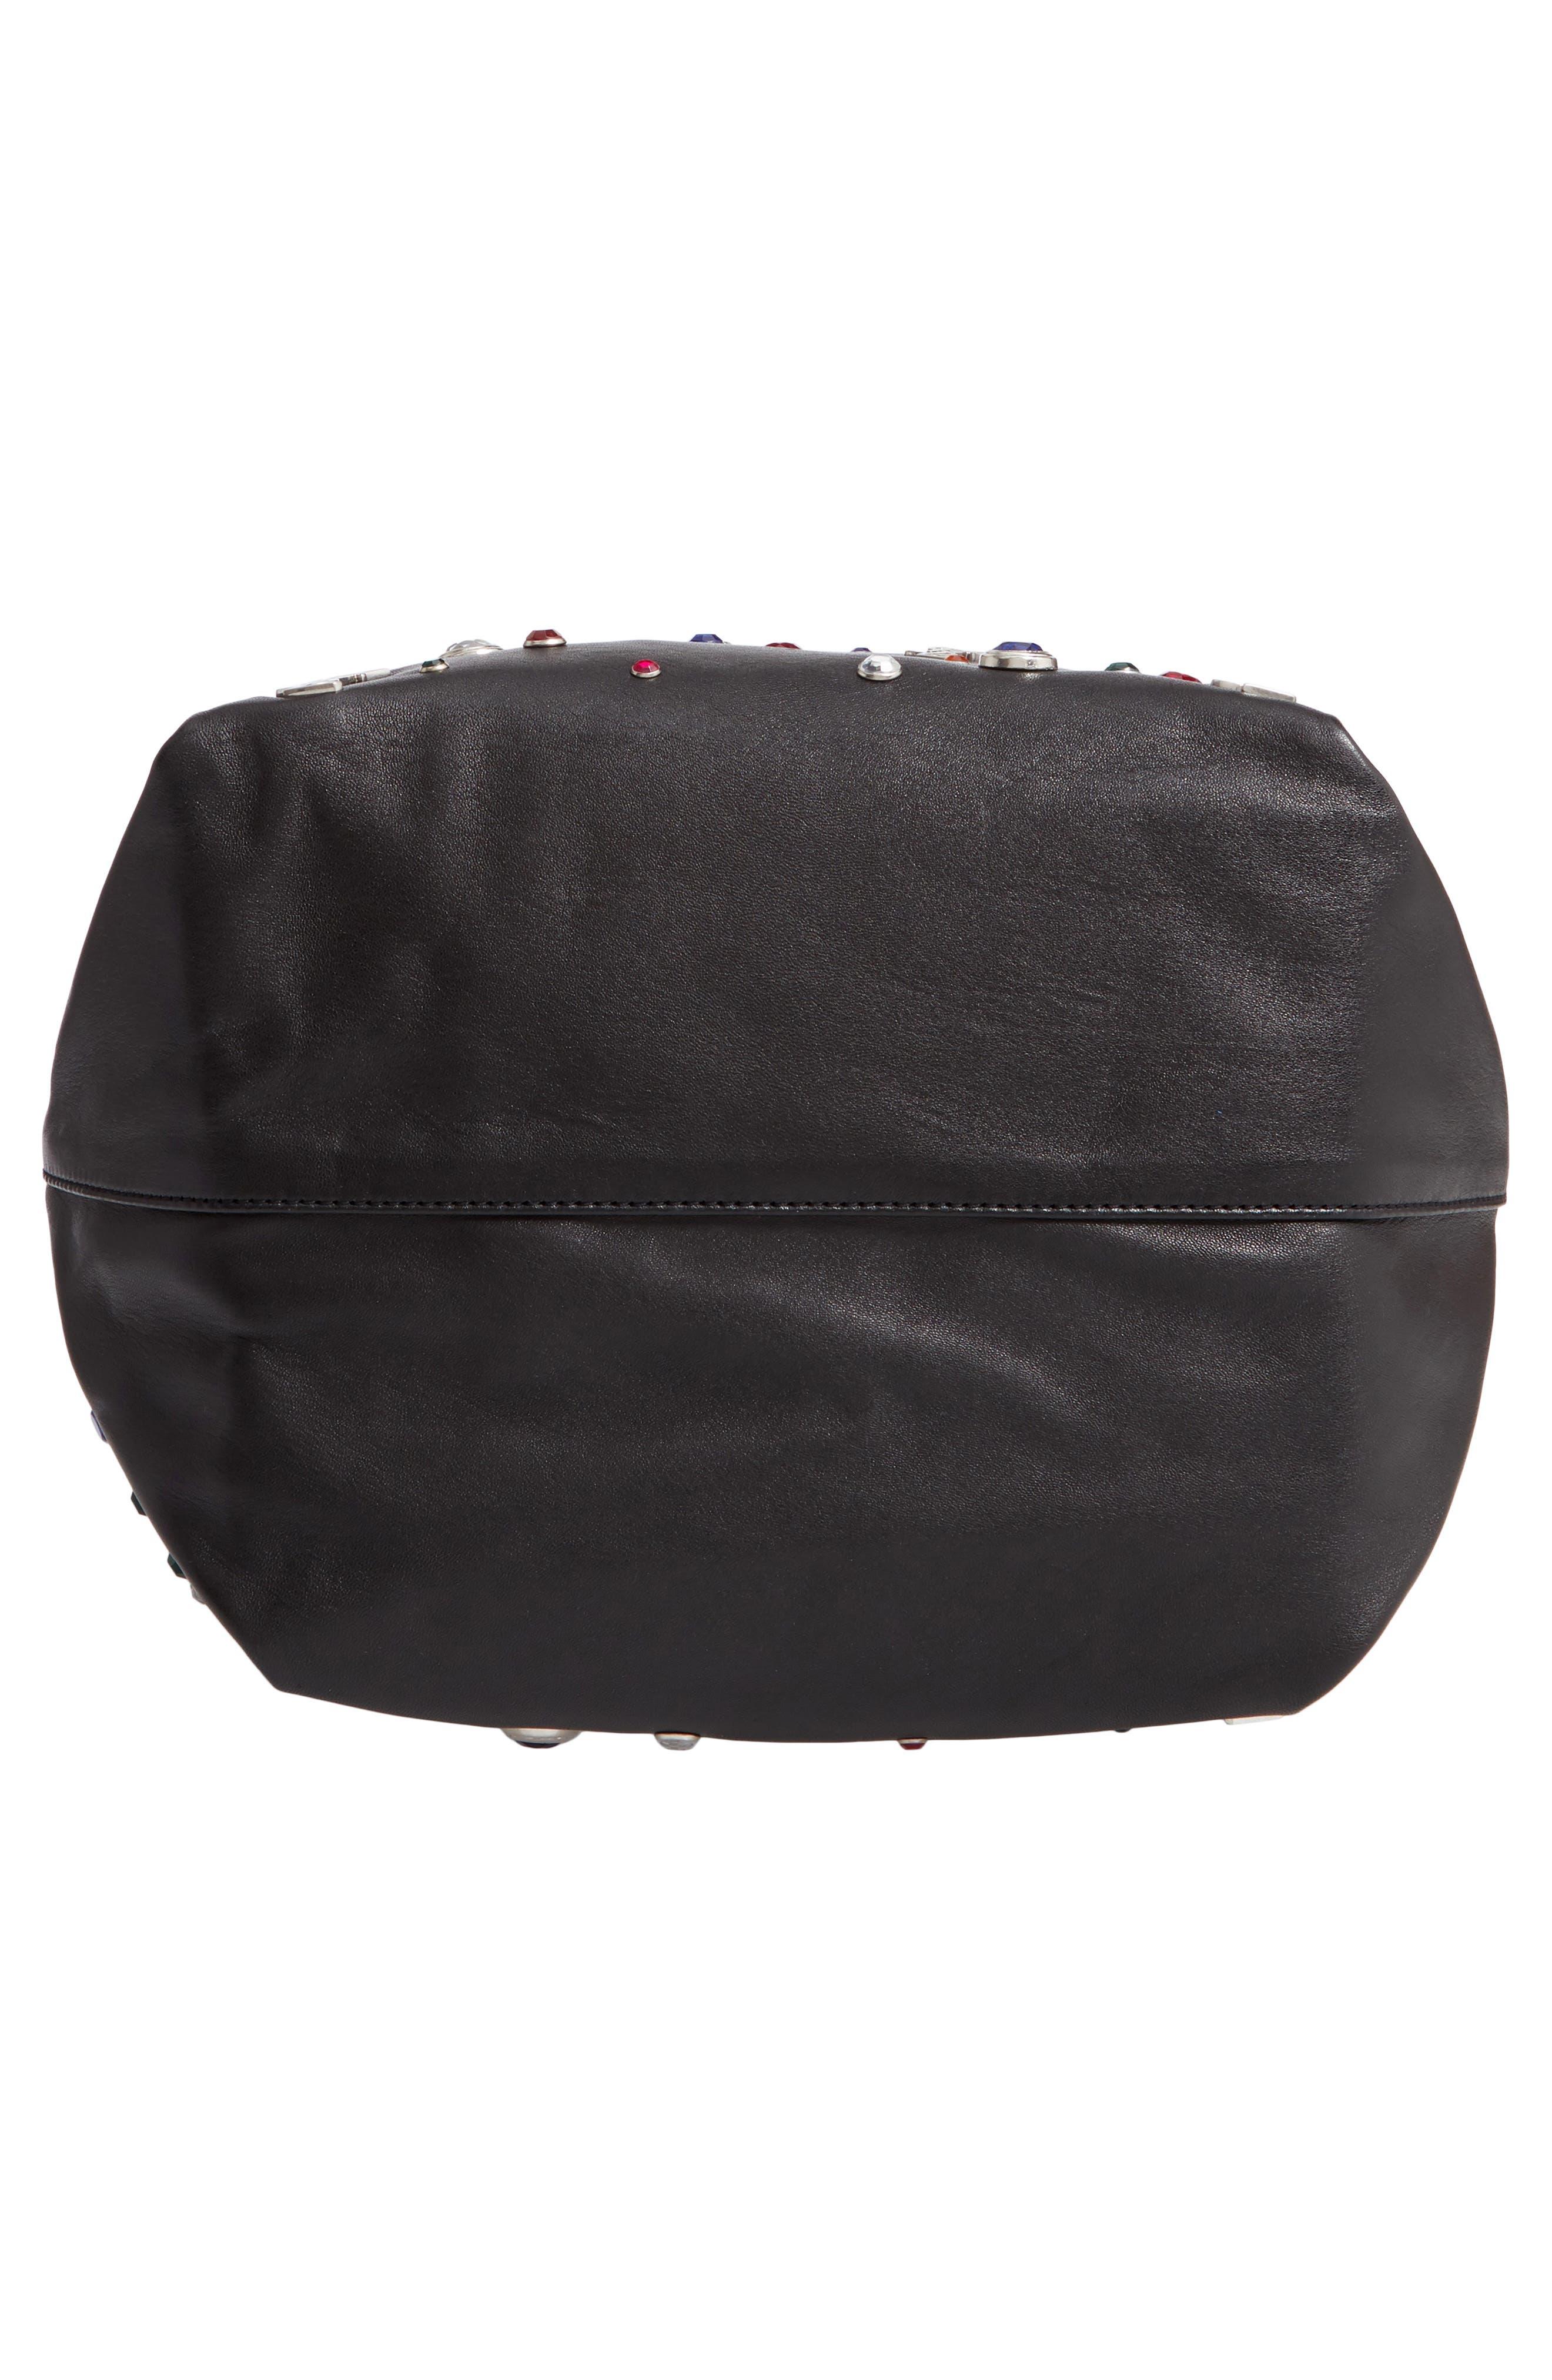 Teddy Studded Leather Bucket Bag,                             Alternate thumbnail 6, color,                             NOIR MULTI